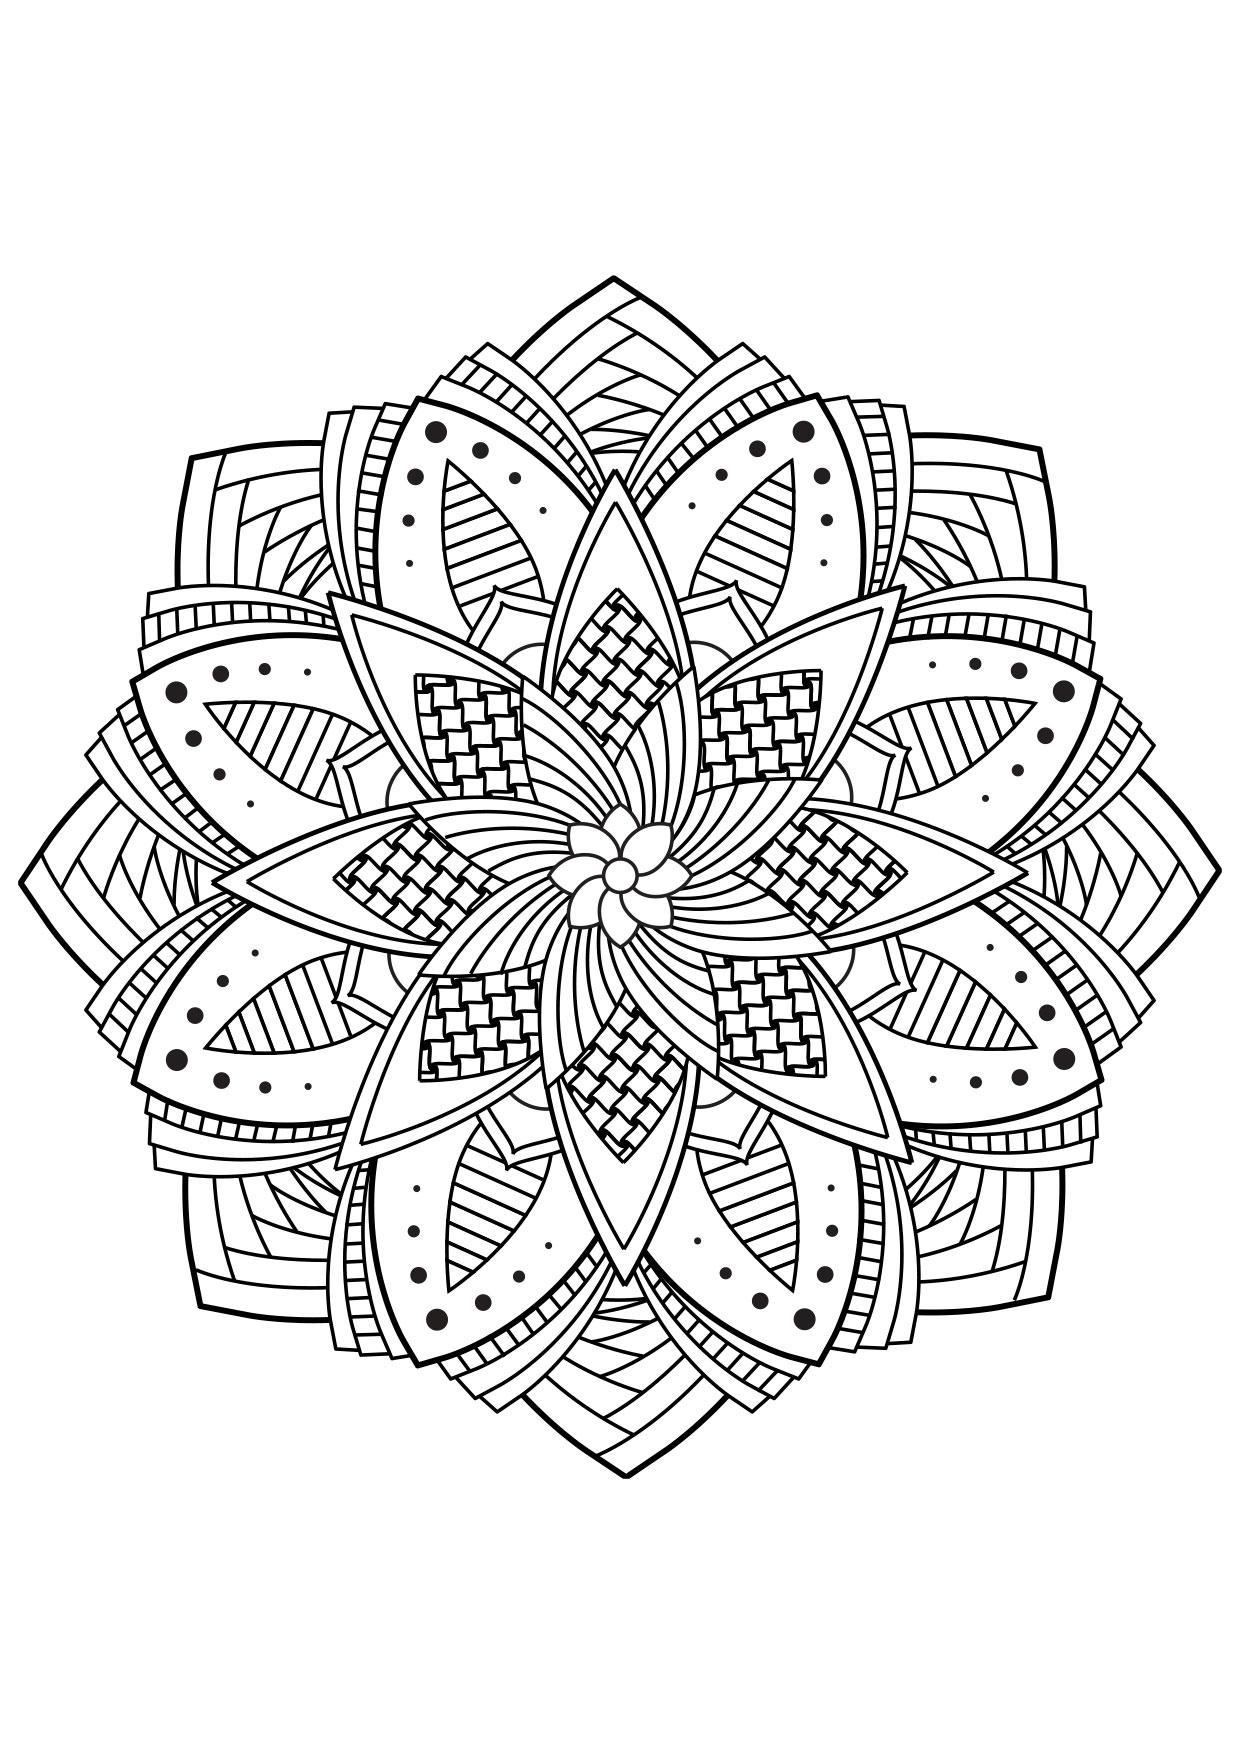 Disegno Da Colorare Fiore Di Mandala Disegni Da Colorare E Stampare Gratis Imm 30840